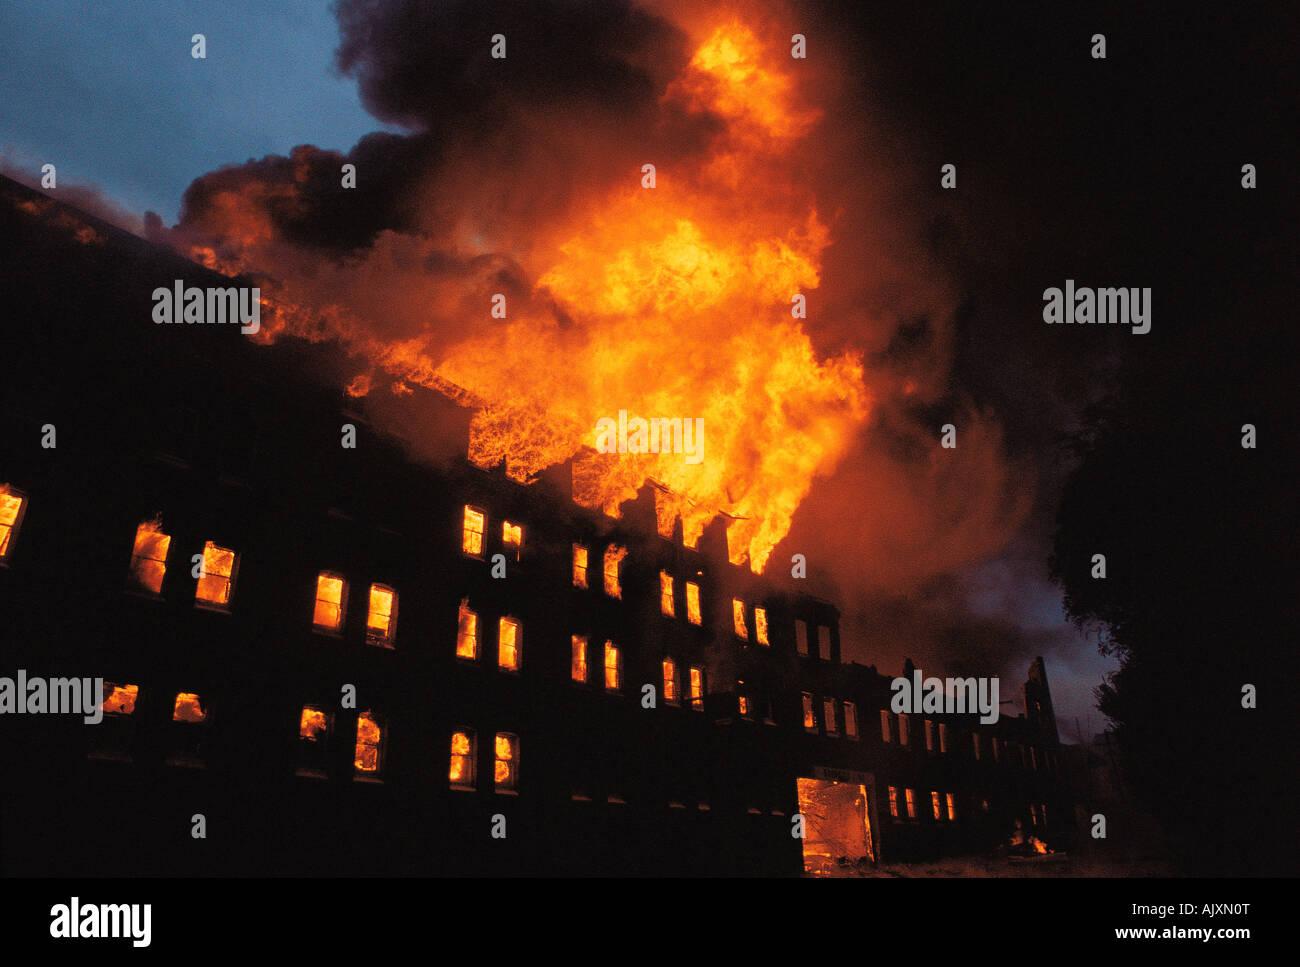 Accidentes y catástrofes. El fuego. Edificio. Fuego de la fábrica de almacén. Redfern. Sydney. Australia. 1980. Foto de stock